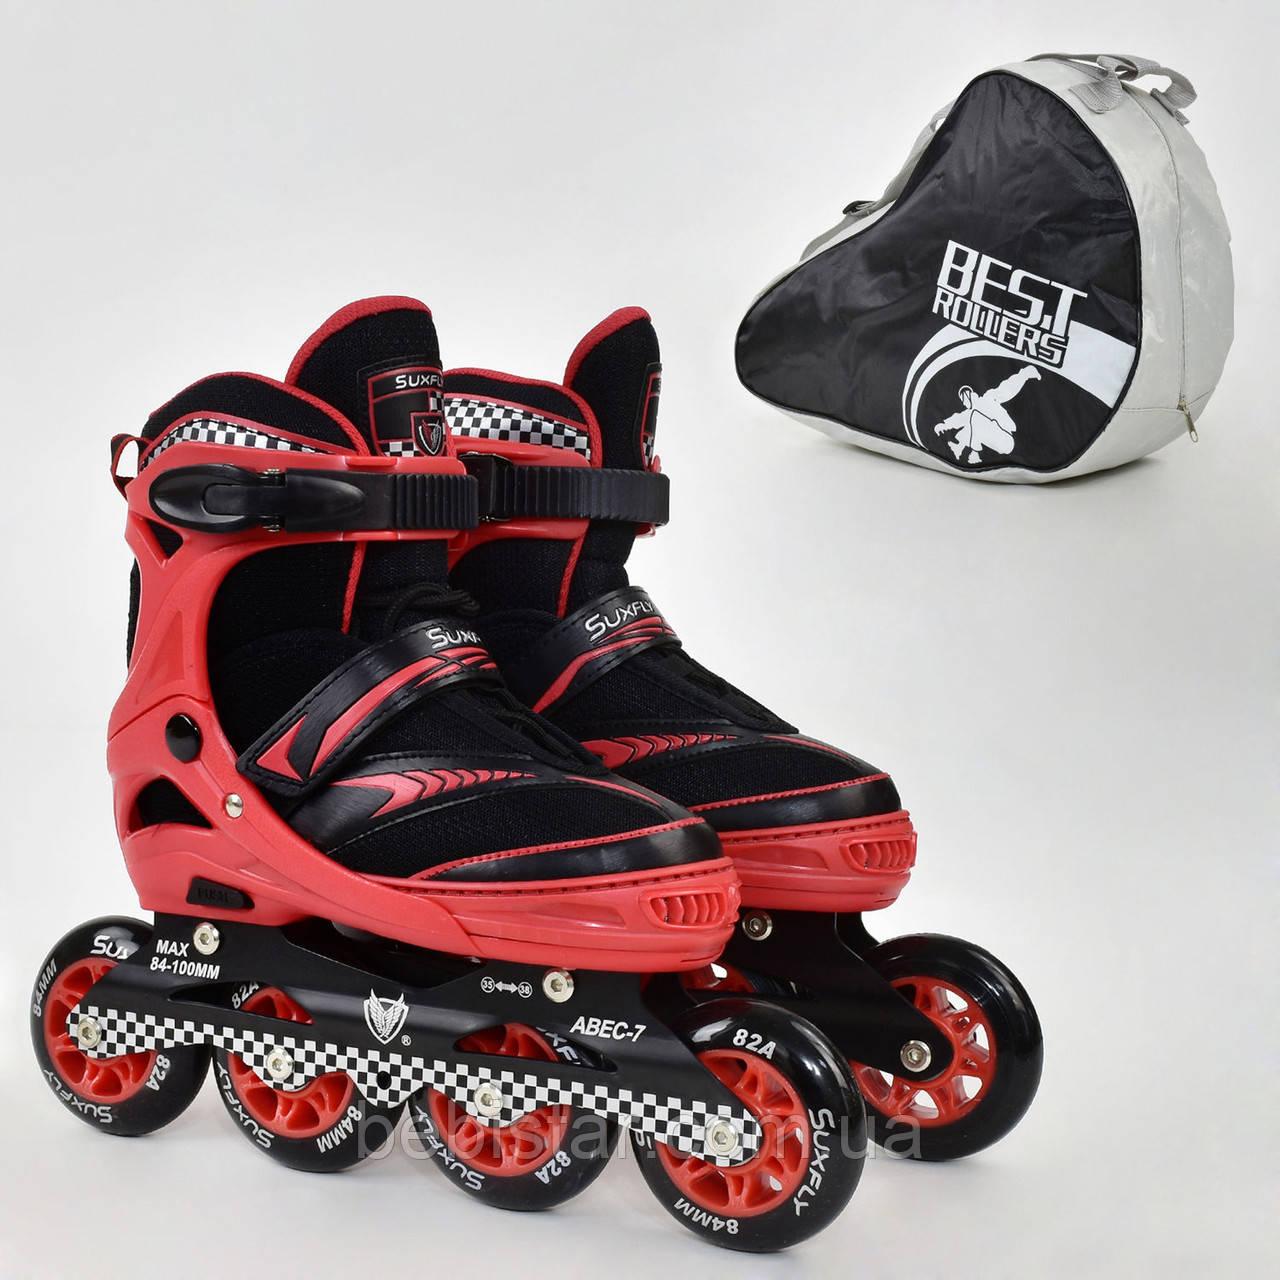 Детские роликовые коньки красные 6014 М Best Roller размер 35-38 полиуретановые колеса